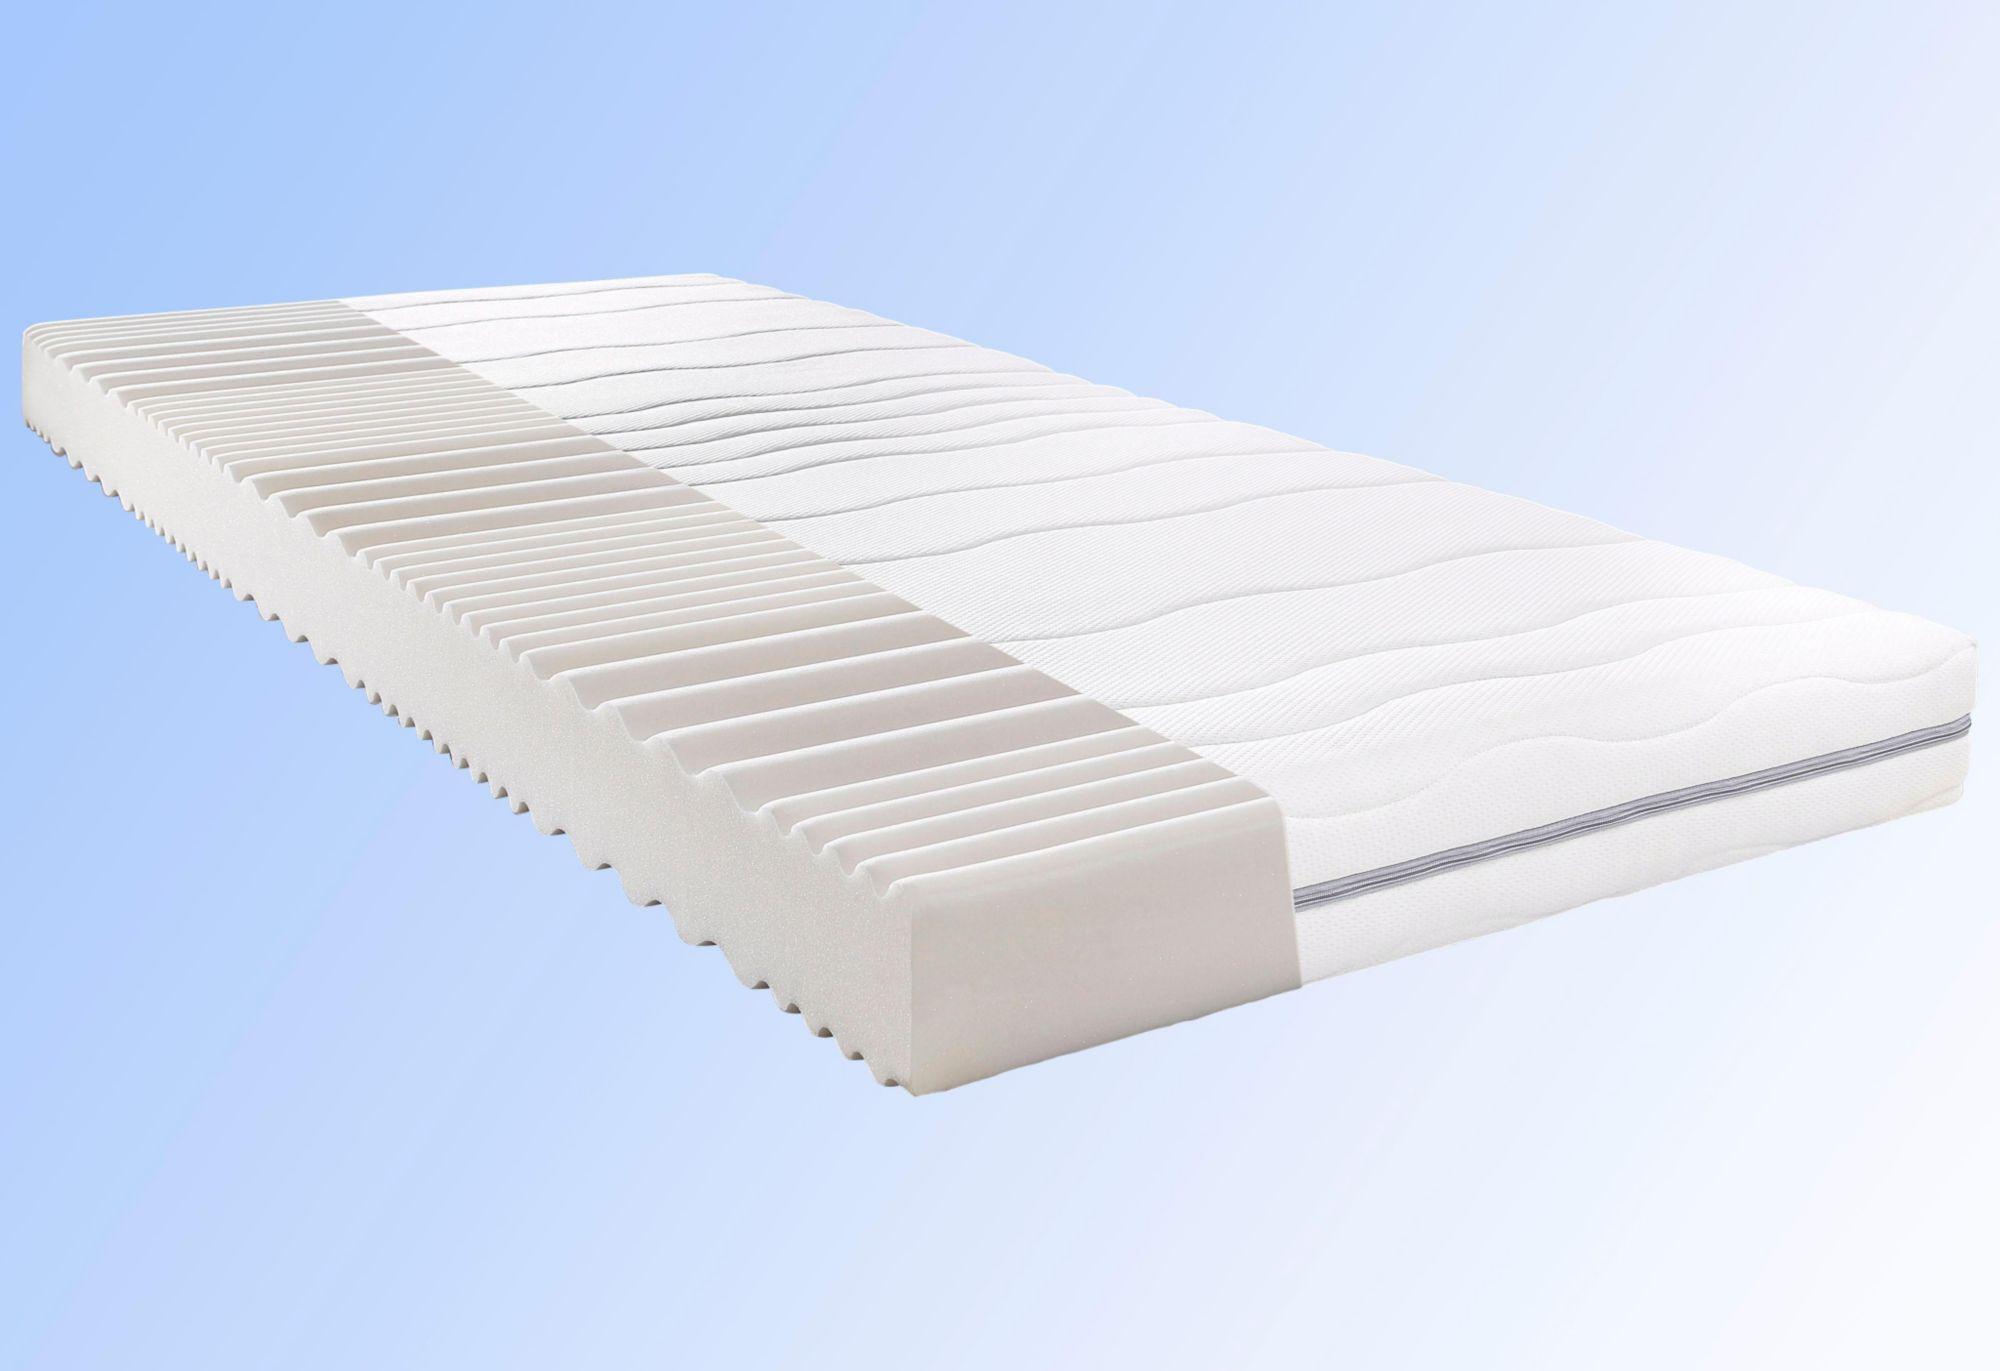 BECO Komfortschaummatratze, »My Sleep Komfort«, BeCo, 15 cm hoch, Raumgewicht: 28